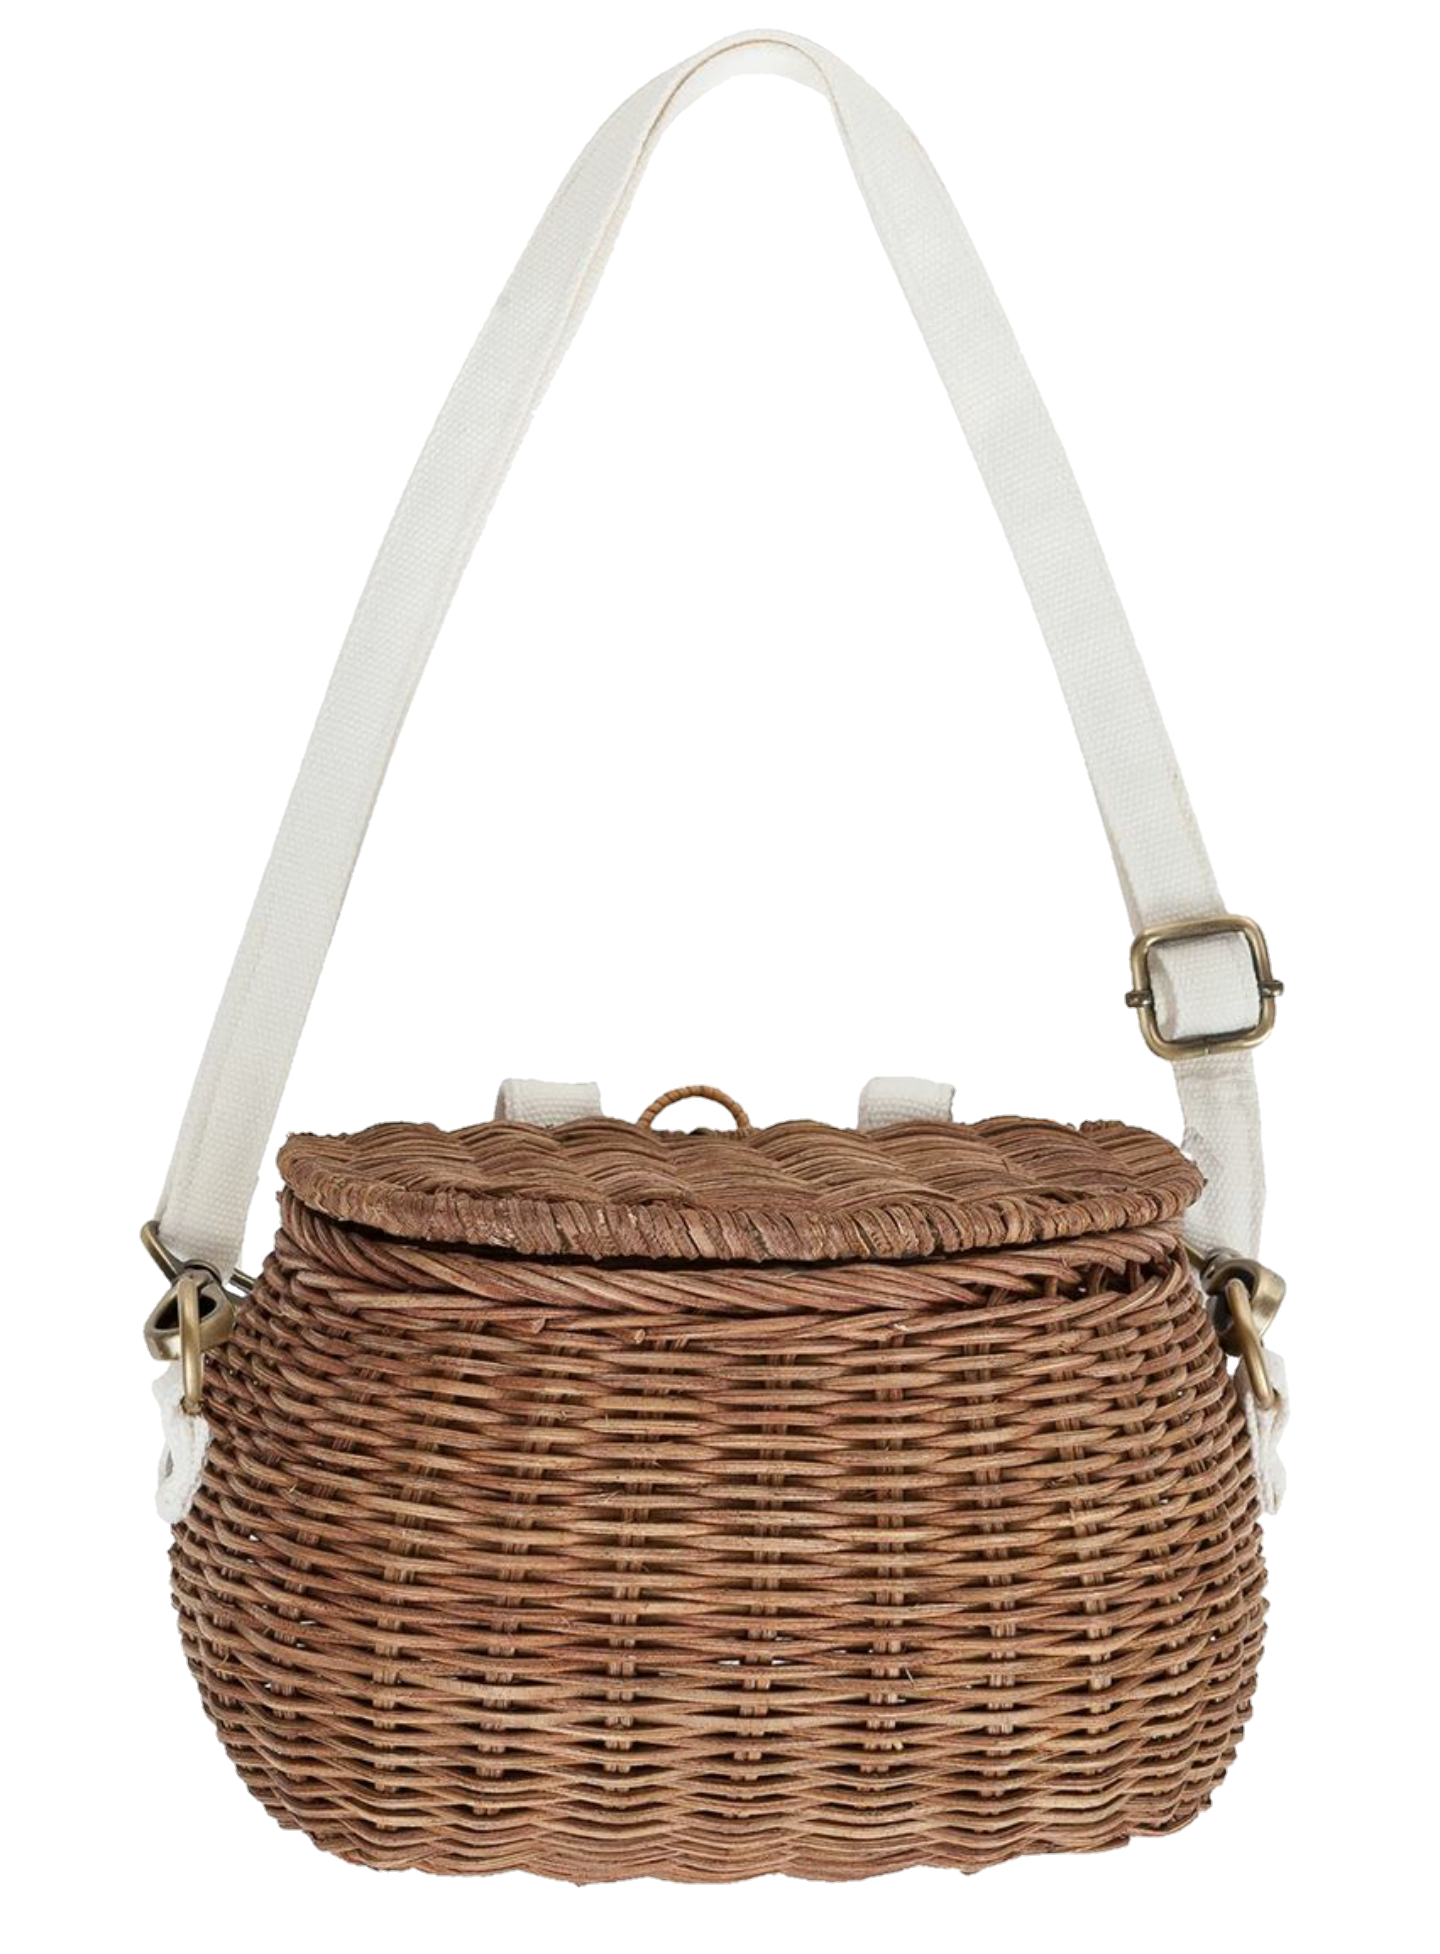 Cottagecore Basket Picnic Sticker By Babybear